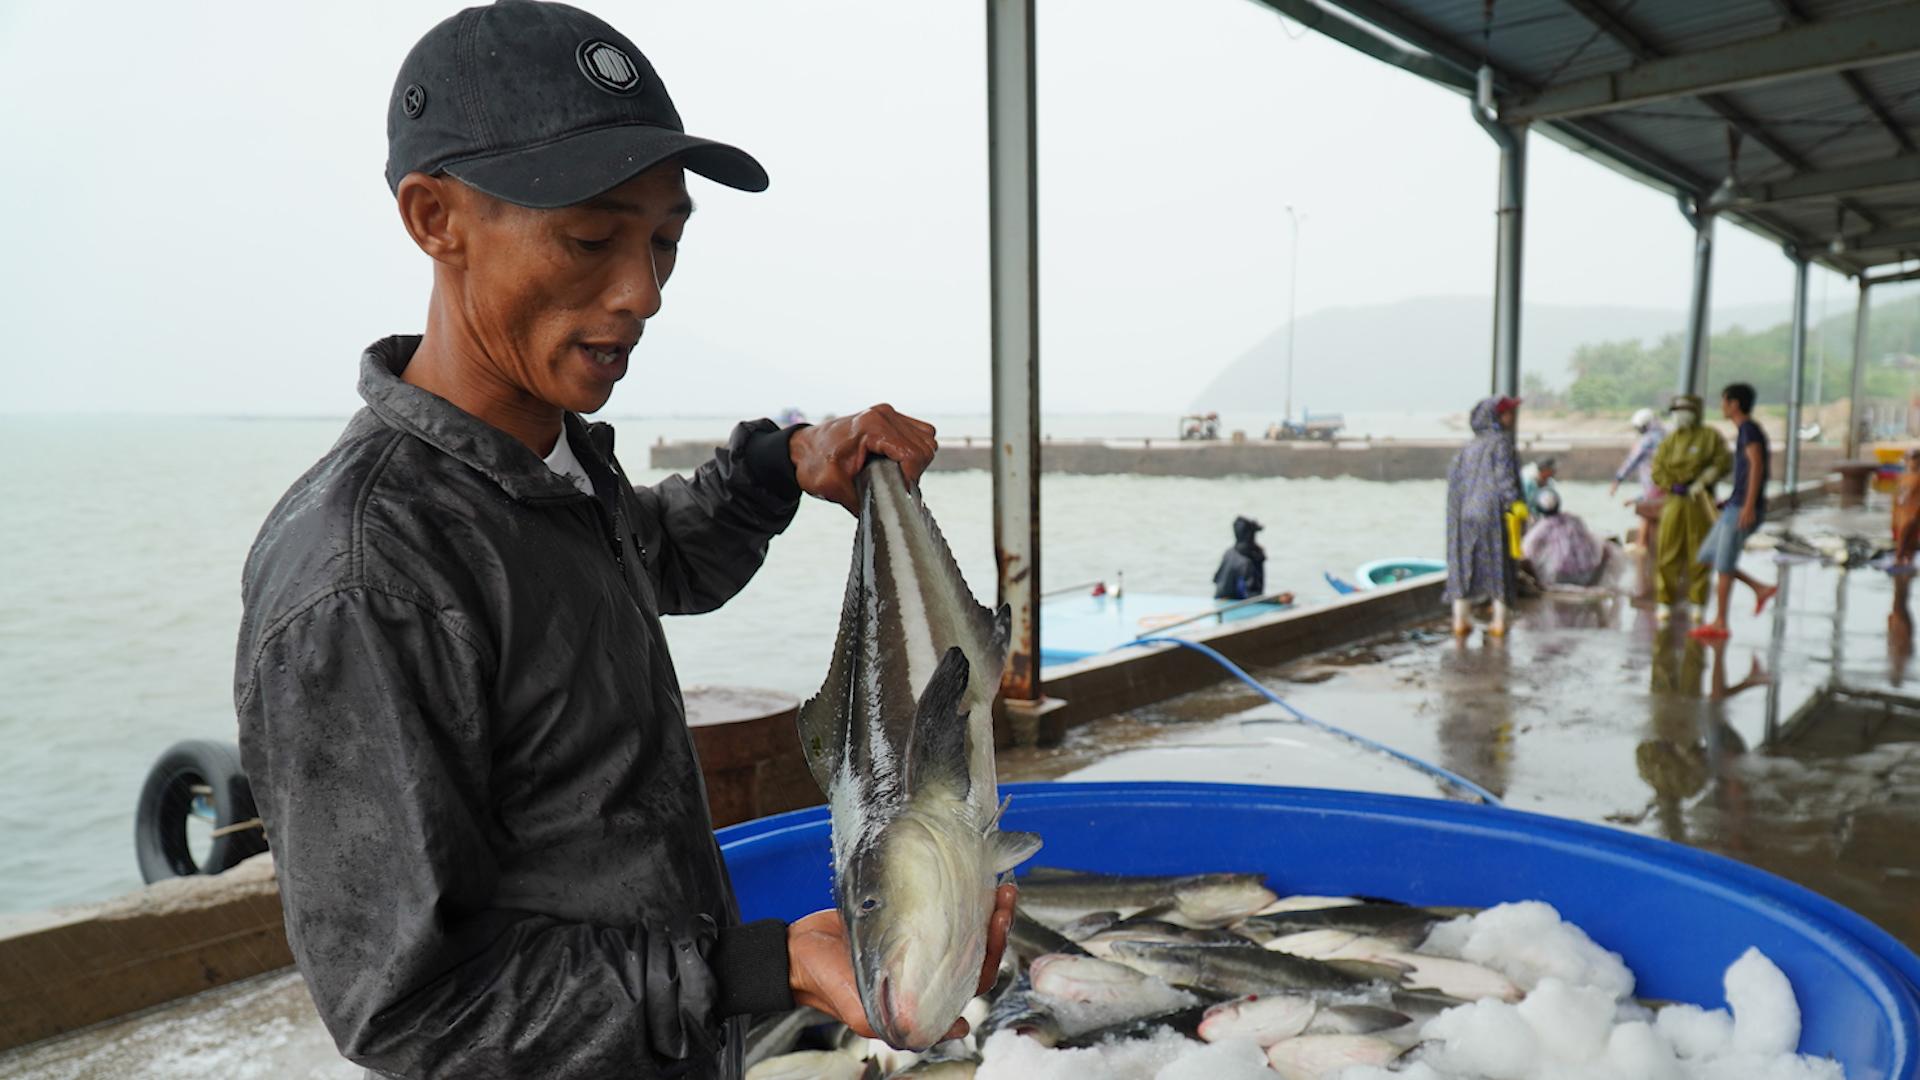 Chủ lồng bè ồ ạt thu hoạch cá bớp trước khi bão Nakri đổ bộ